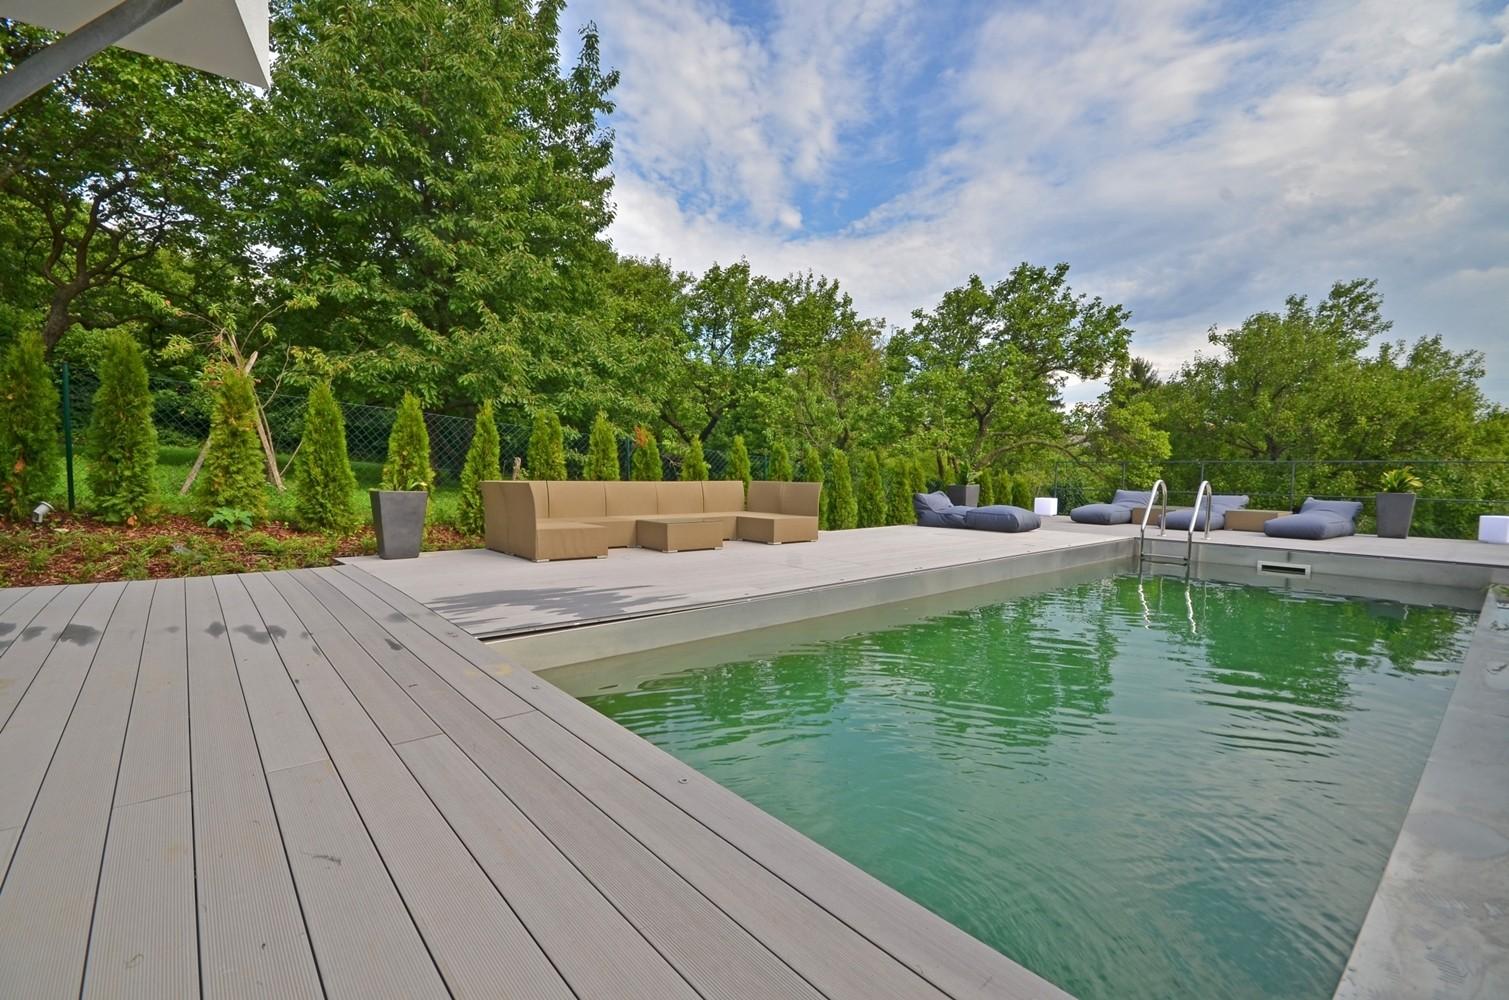 dise o de piscinas naturales en espacios peque os